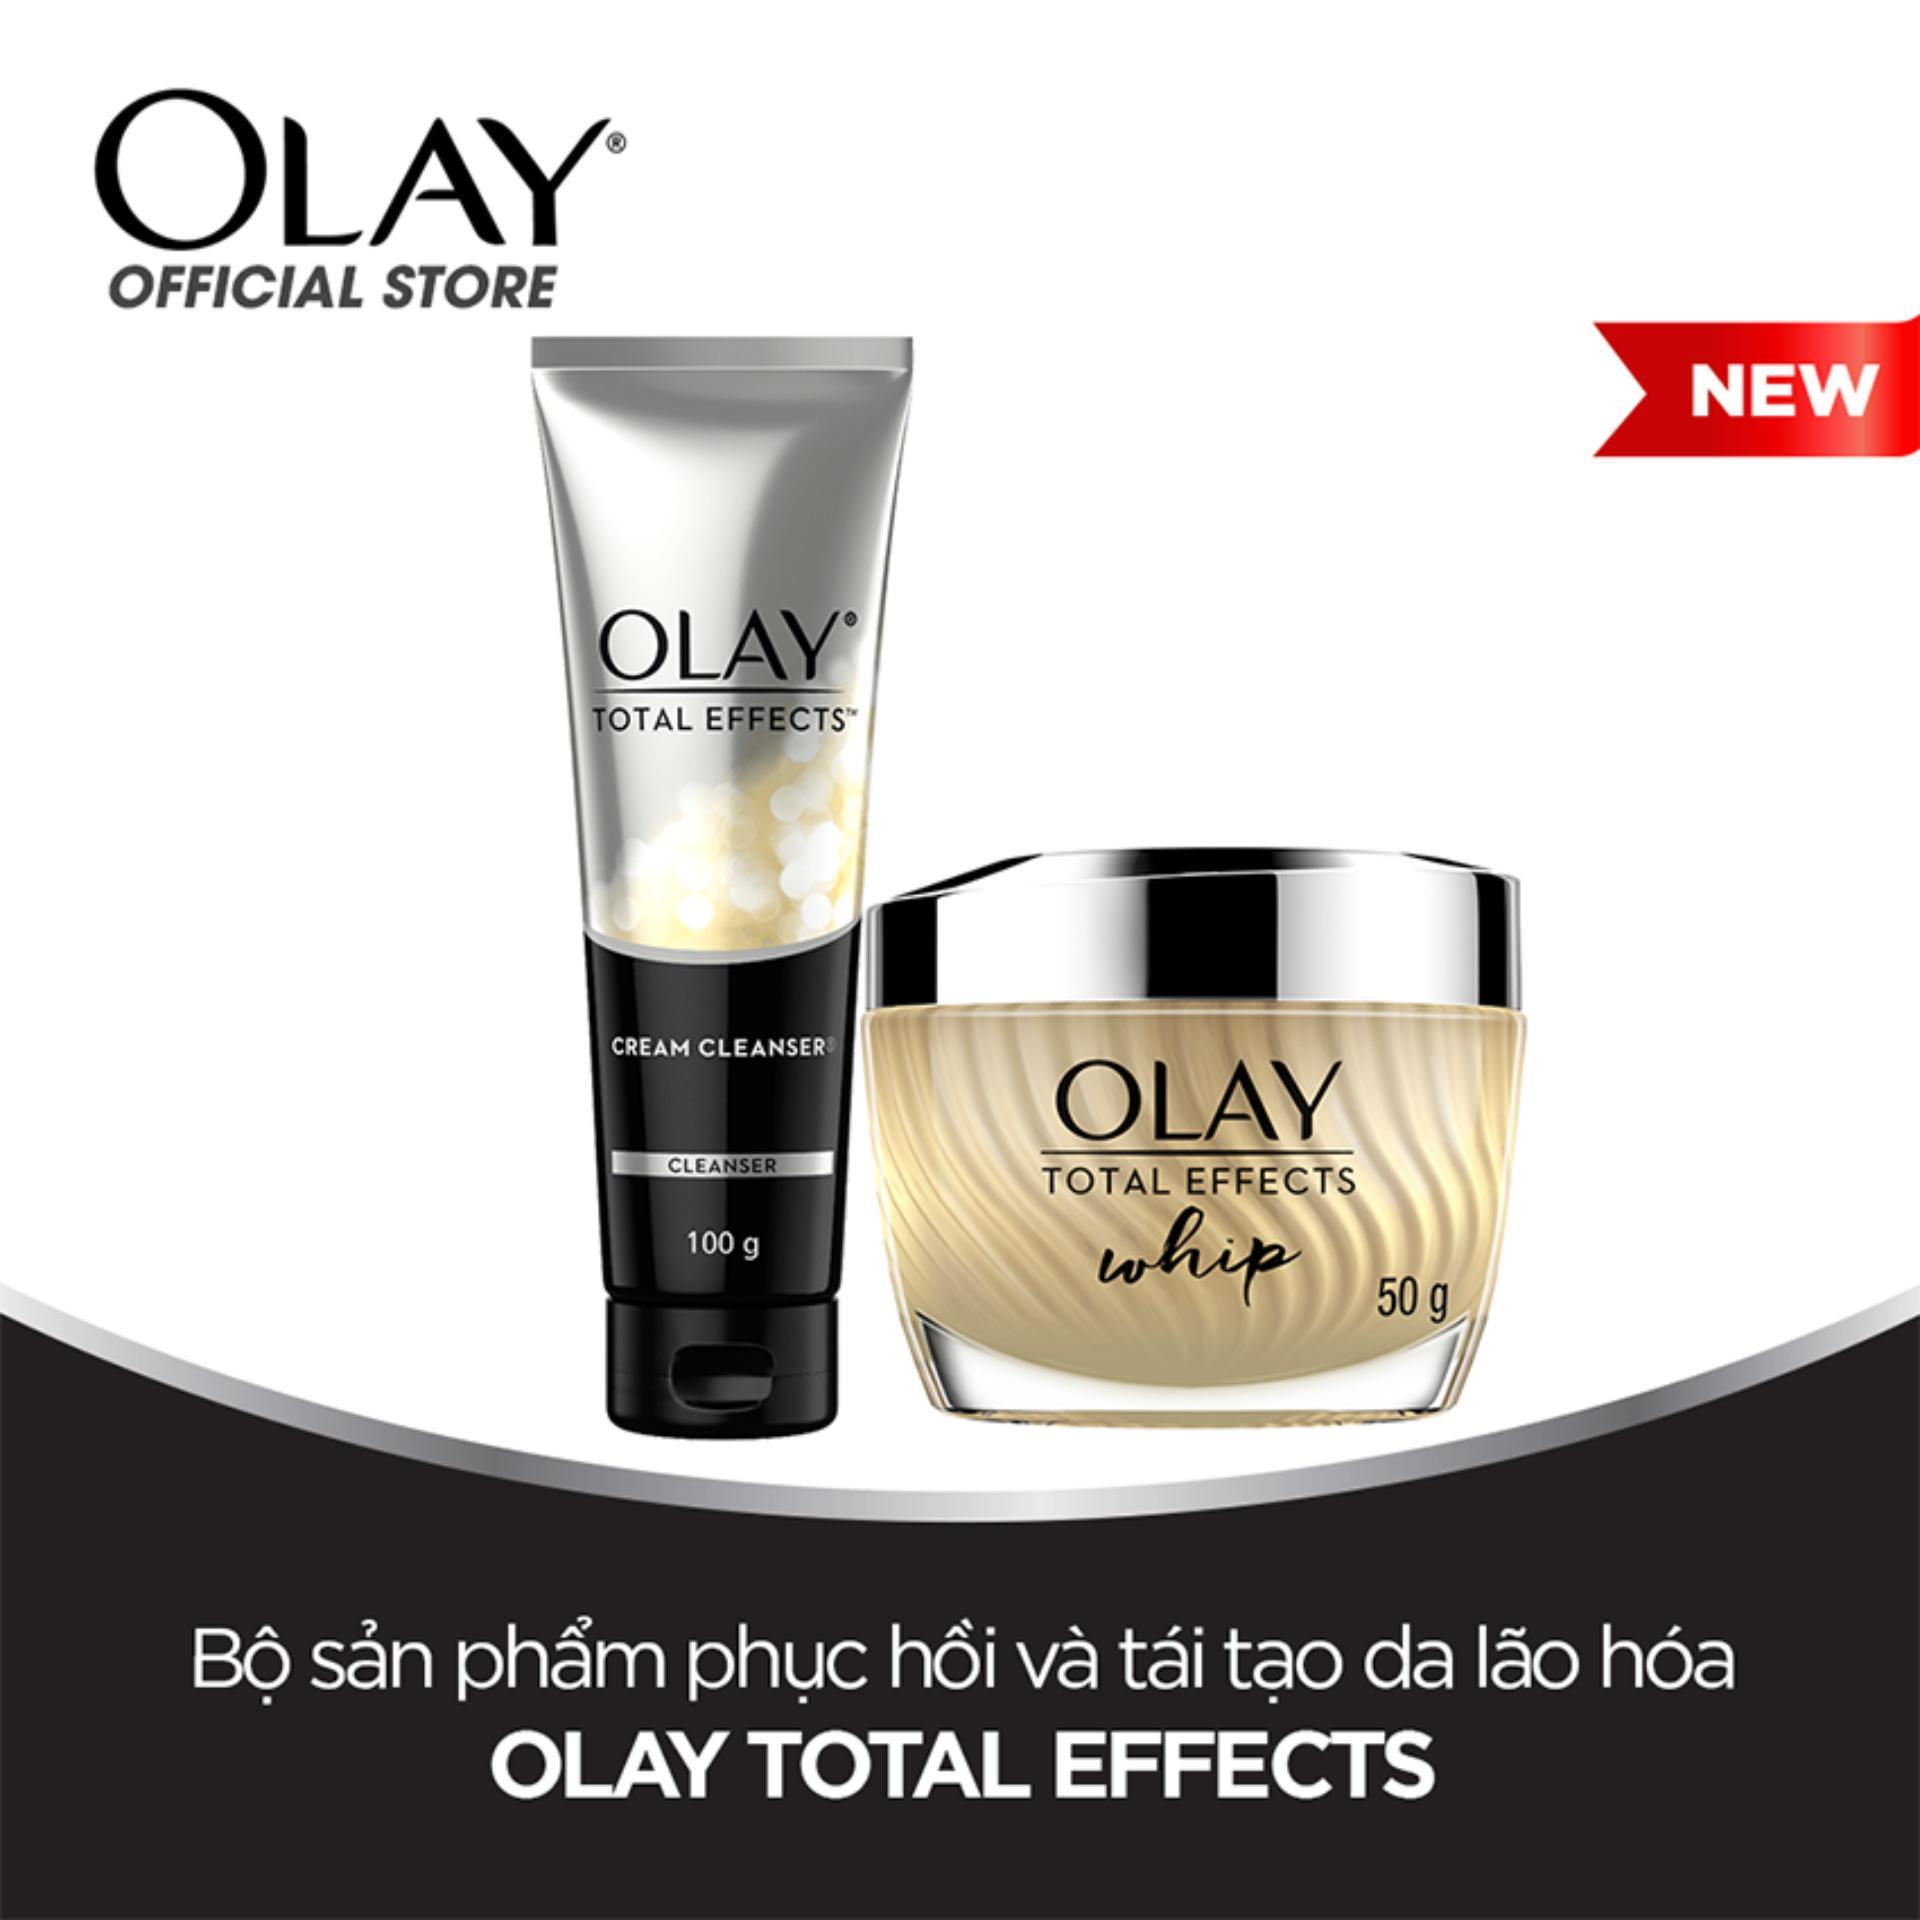 Bộ 2 sản phẩm phục hồi và tái tạo da Olay Total Effects Whip: 1 Kem dưỡng 50g + 1 Sữa rửa mặt dạng kem 100g